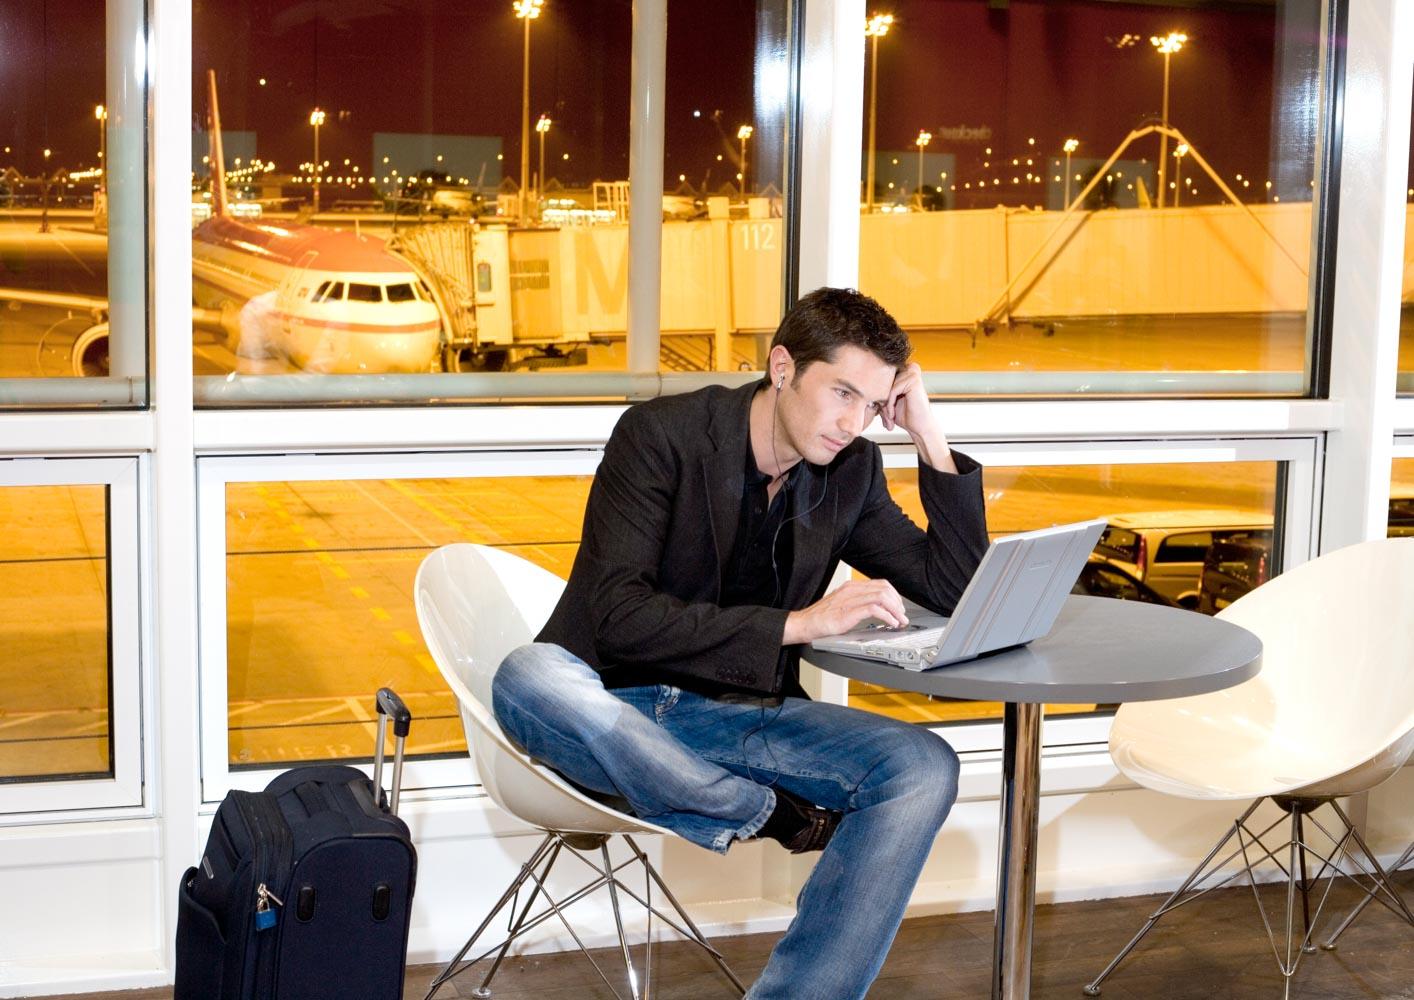 corporate_daniel_kummer-stefan_goedde_2007-02